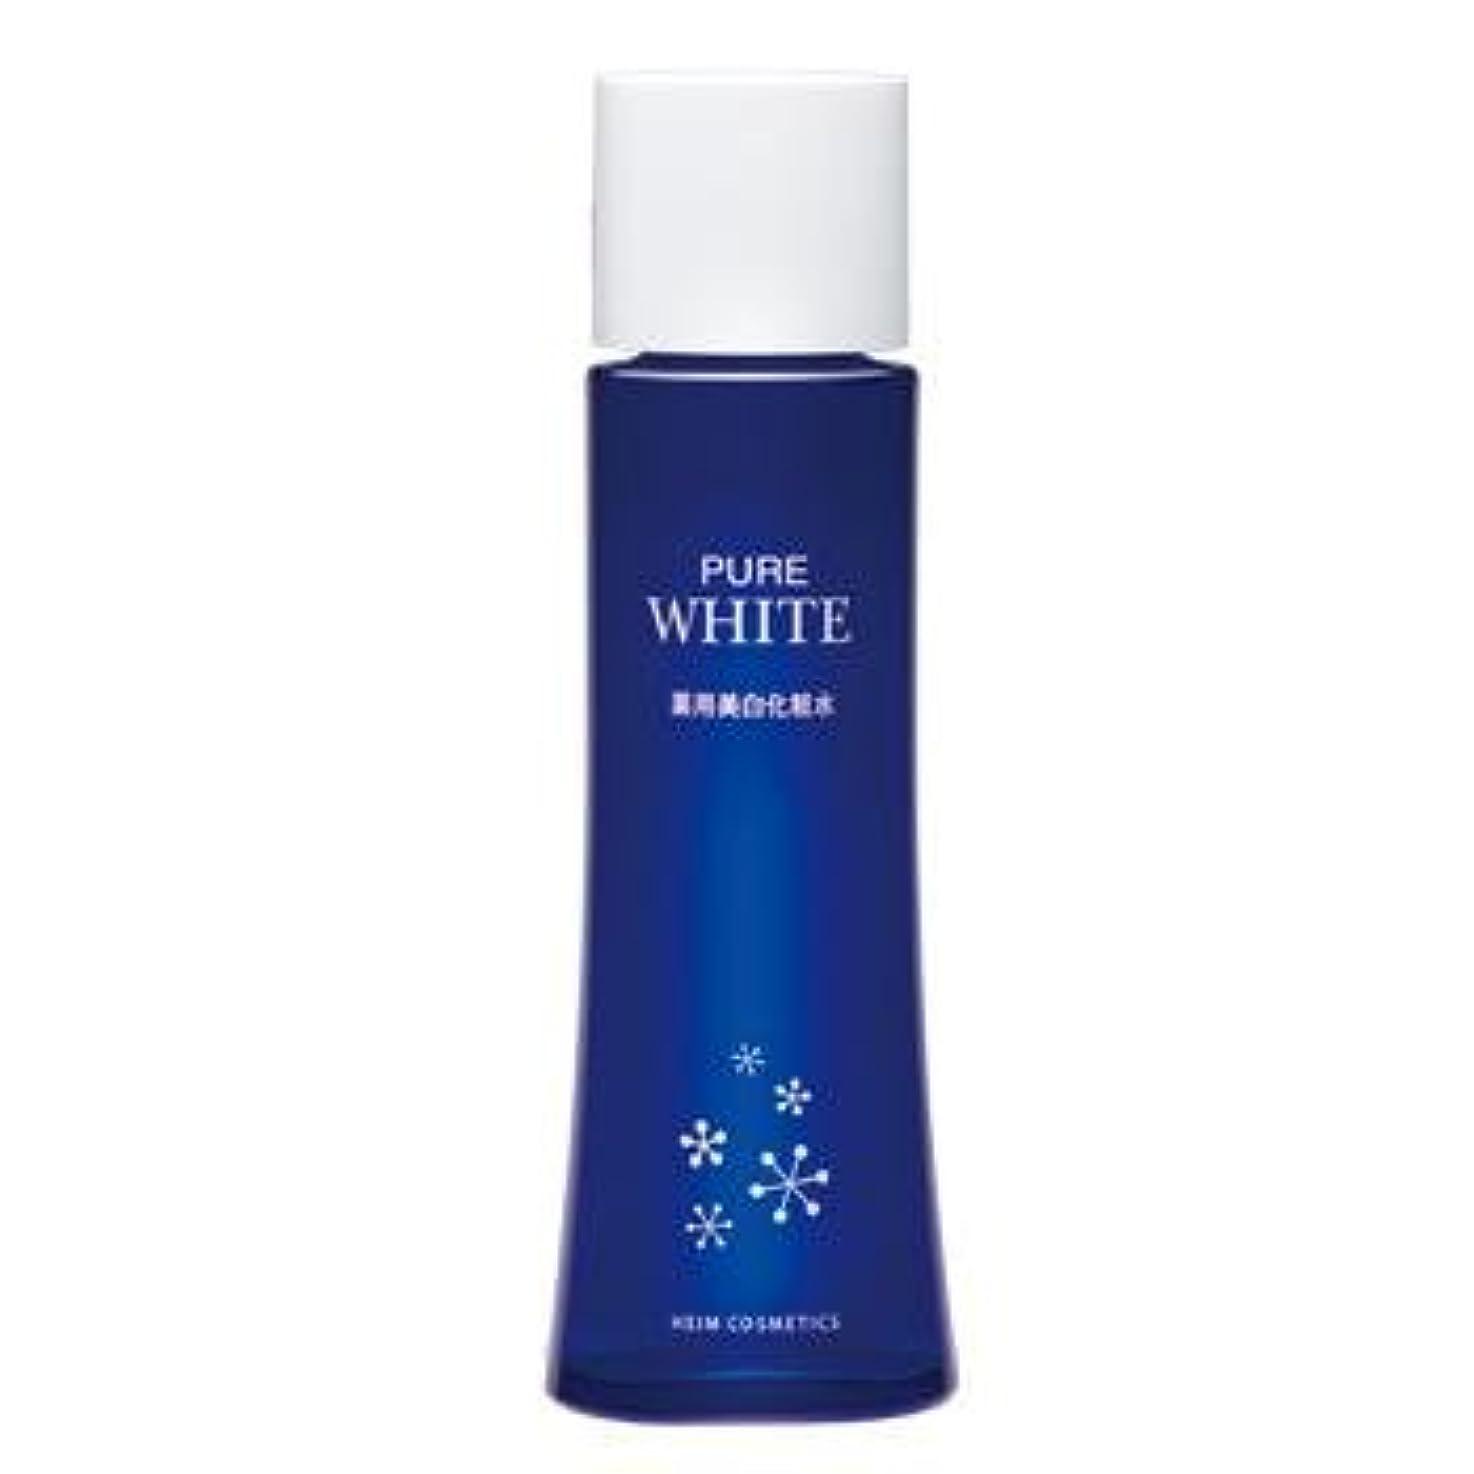 知らせる適合興味ハイム化粧品/薬用ピュアホワイト/化粧水(しっとり)【乾燥しやすい肌に美白とうるおいを】